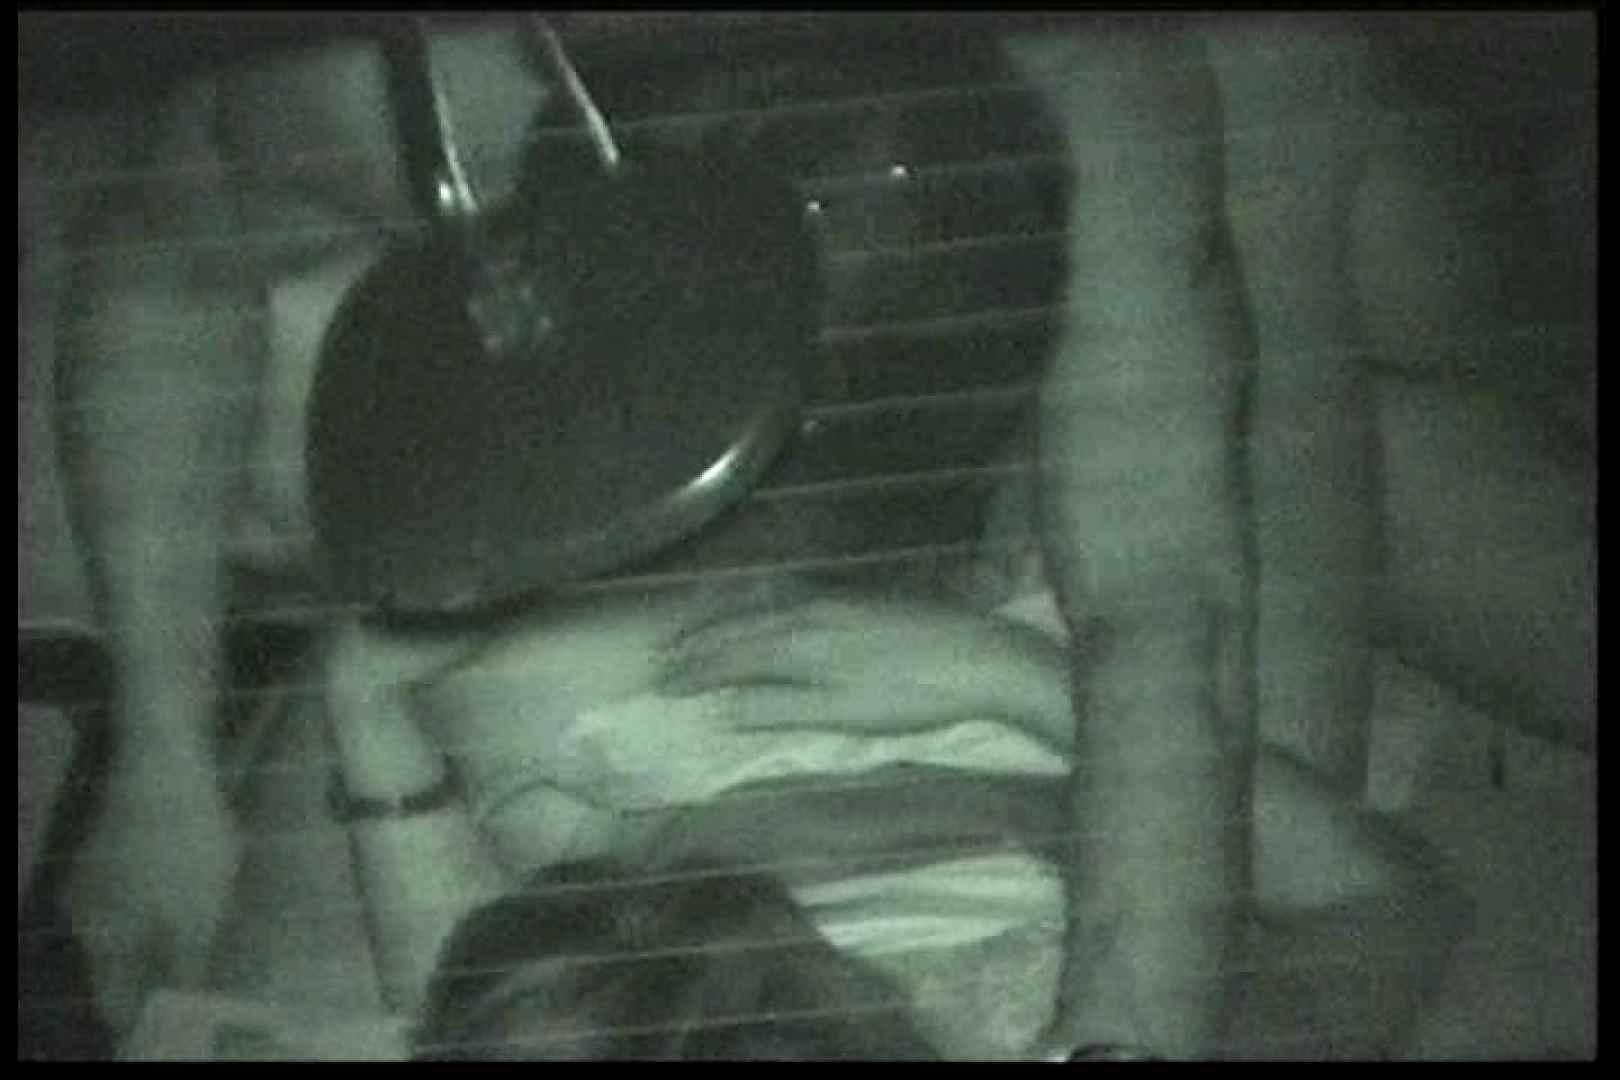 車の中はラブホテル 無修正版  Vol.14 ラブホテル 盗み撮りSEX無修正画像 100画像 89